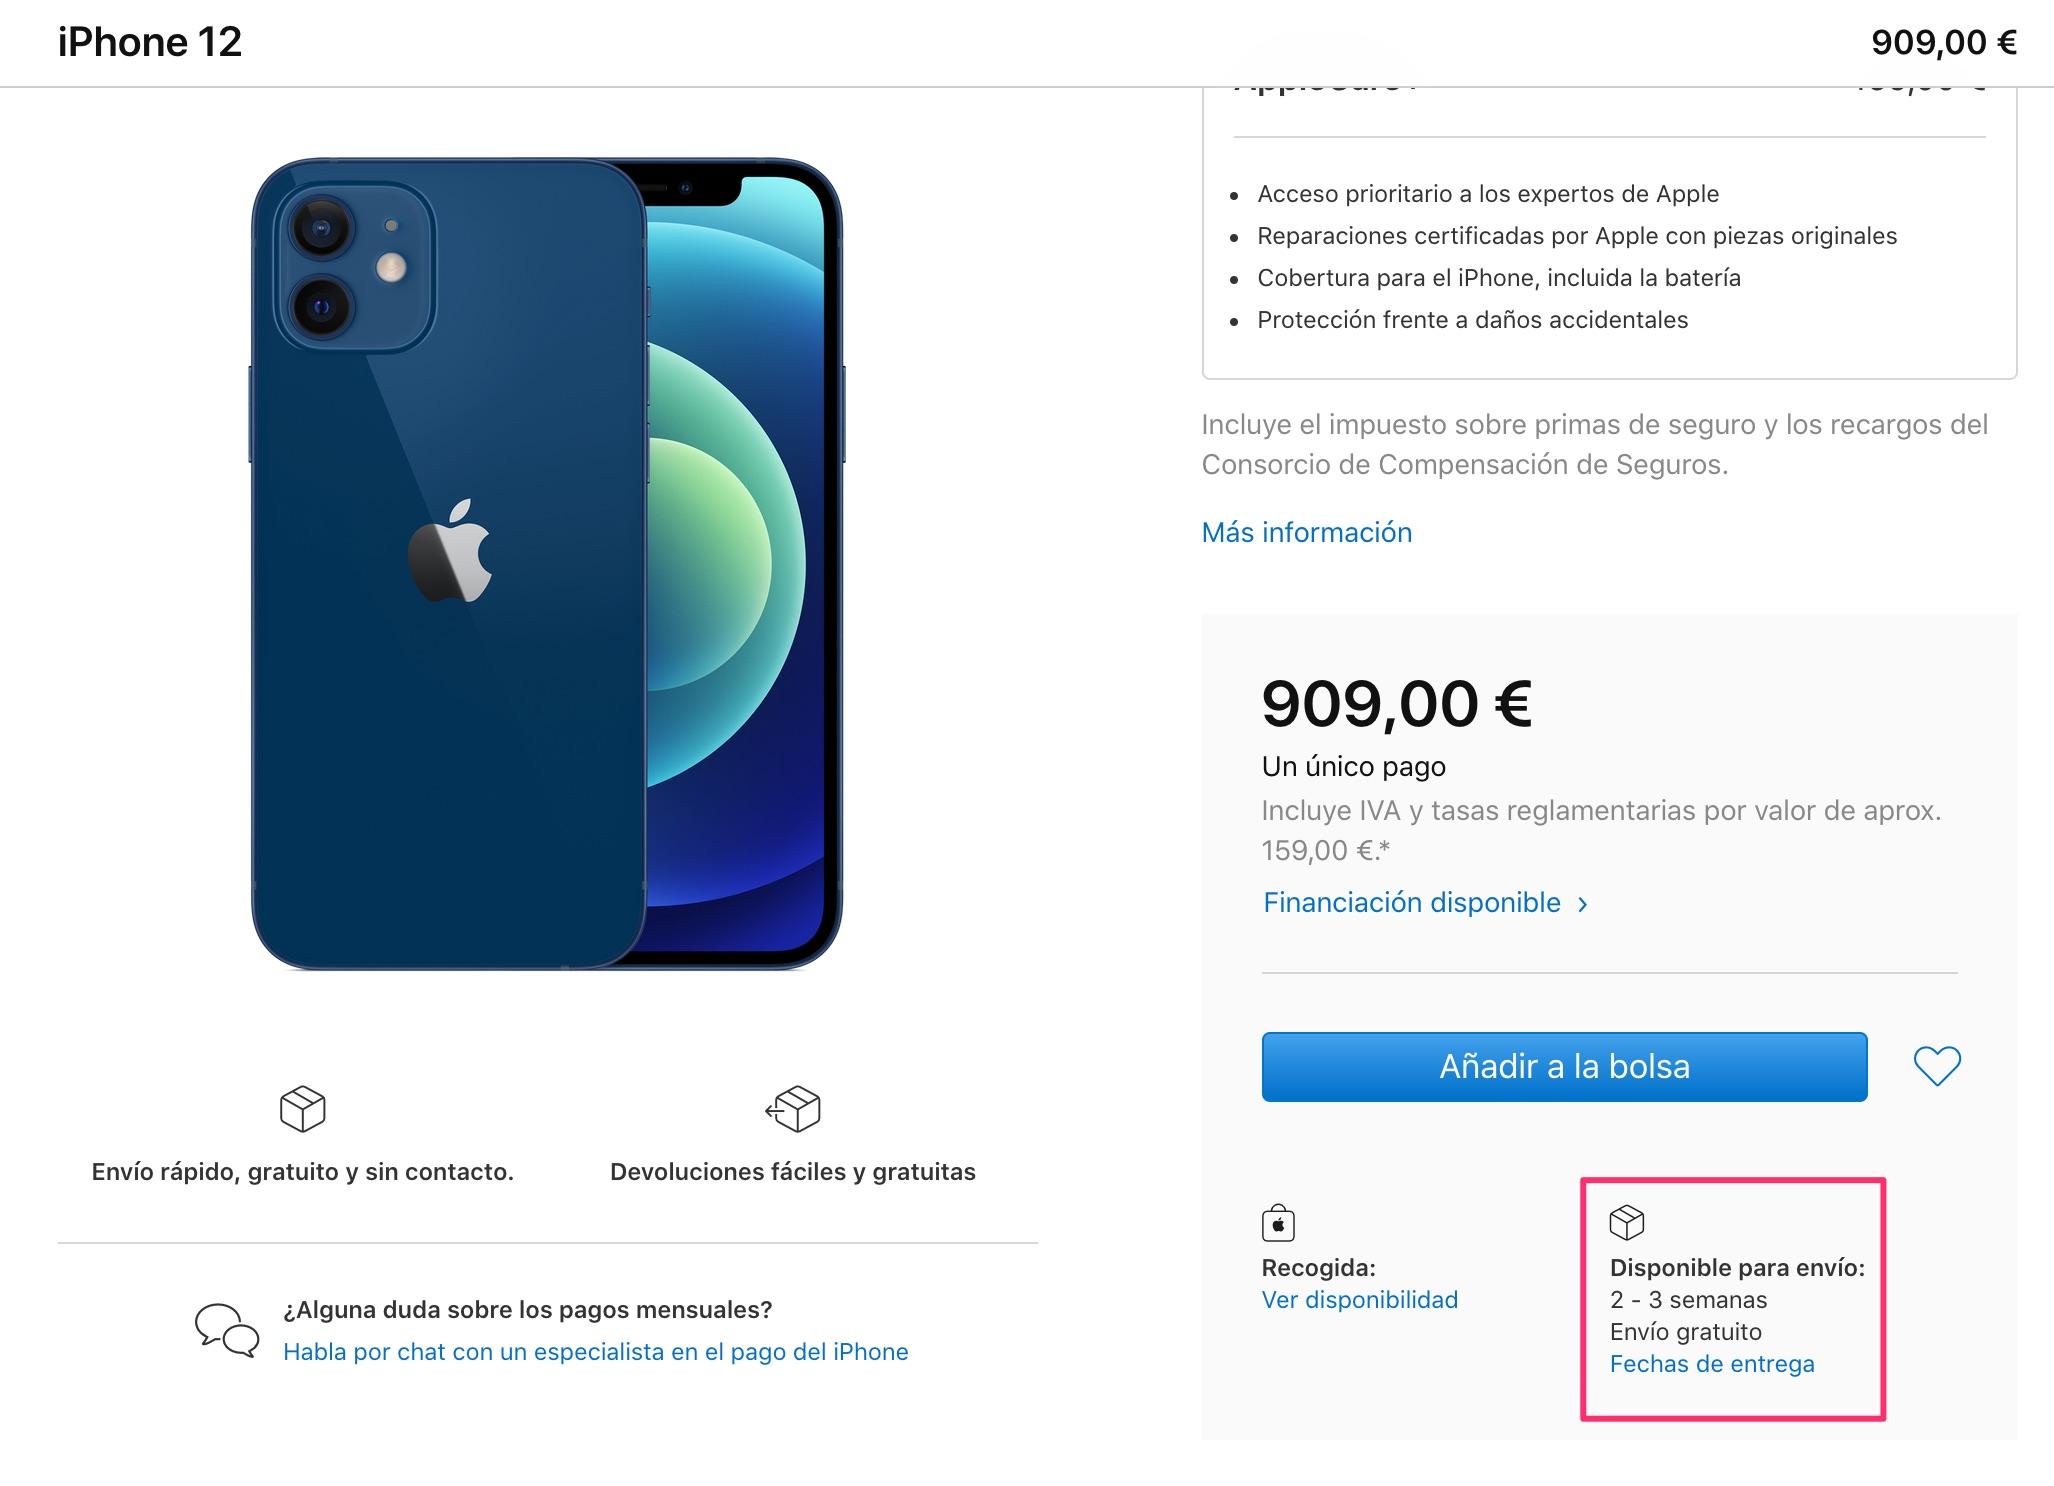 2 o 3 semanas de espera para el iPhone 12 azul